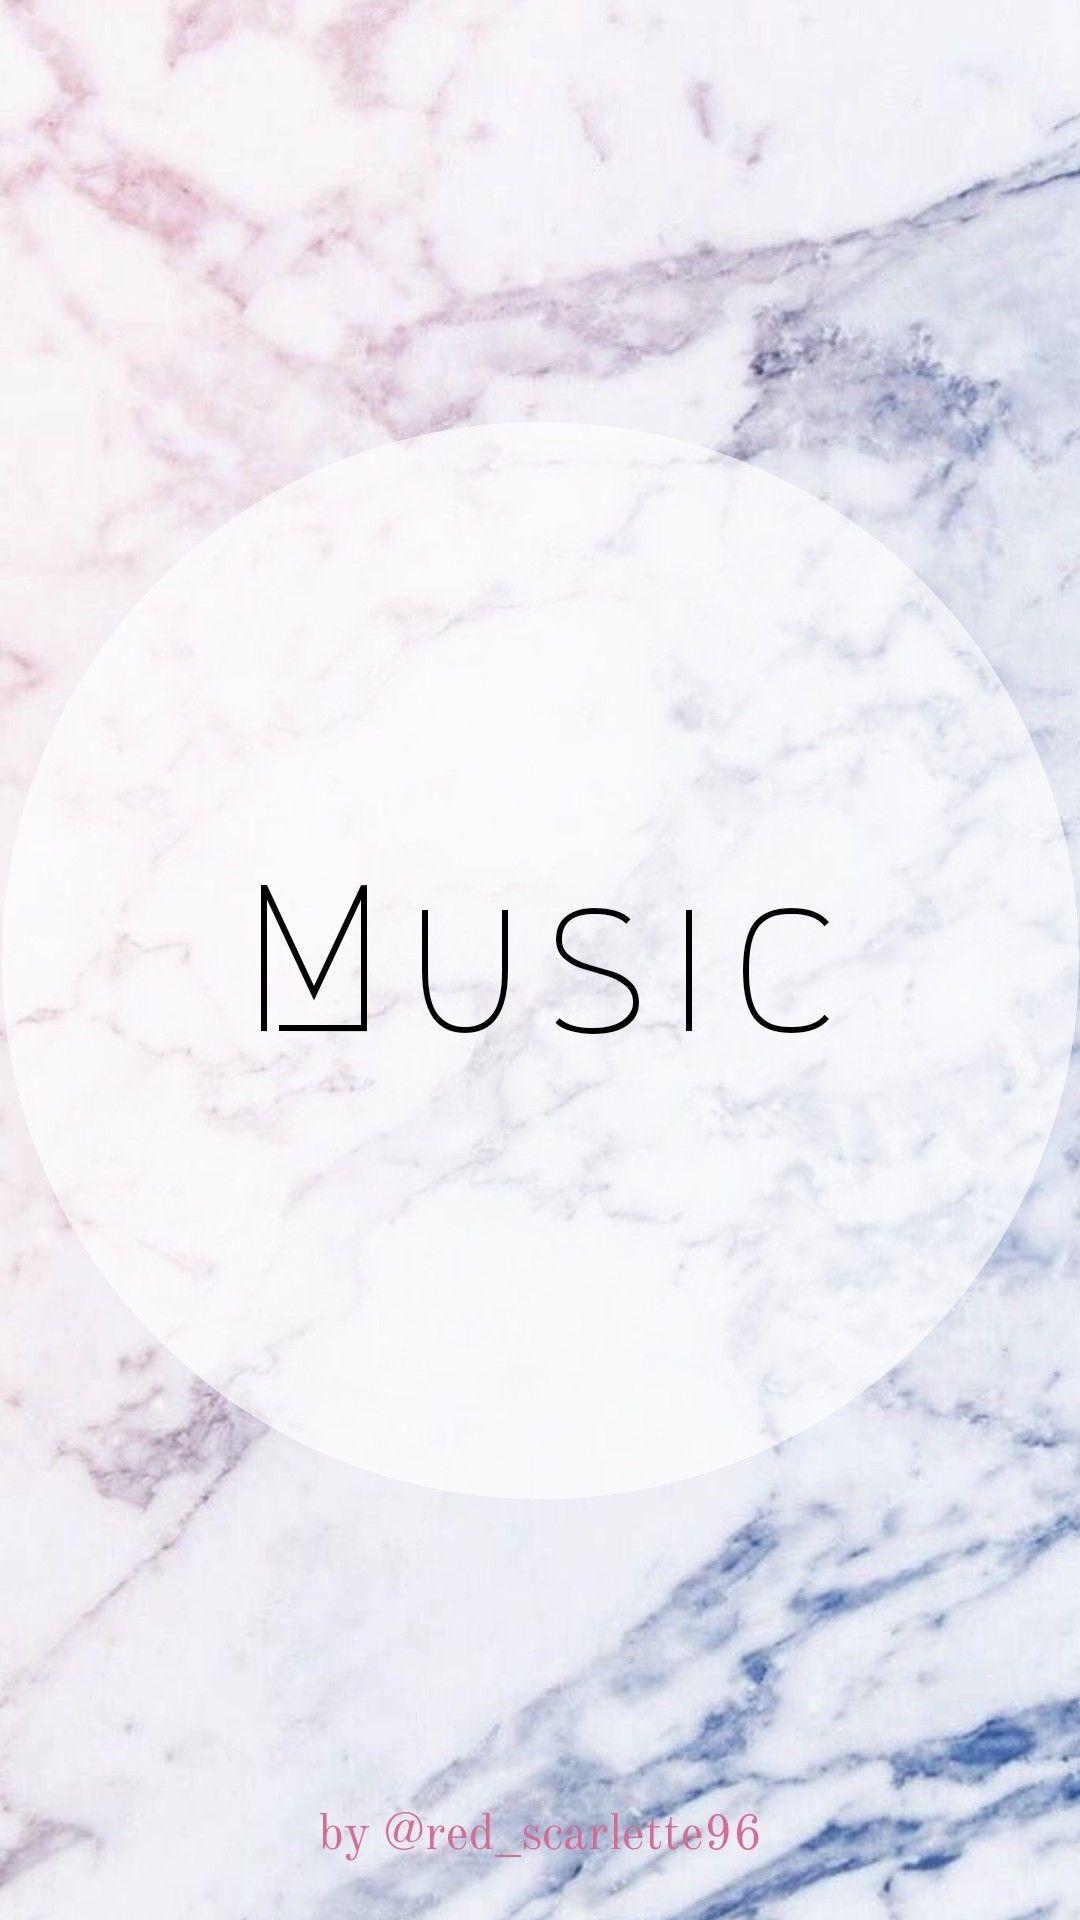 Calendario 2019 Con Festivos Y Lunas Más Recientes Instagram Highlight Icon Template Marble Gra Nt Music Template Of Calendario 2019 Con Festivos Y Lunas Más Caliente Calendario 2017